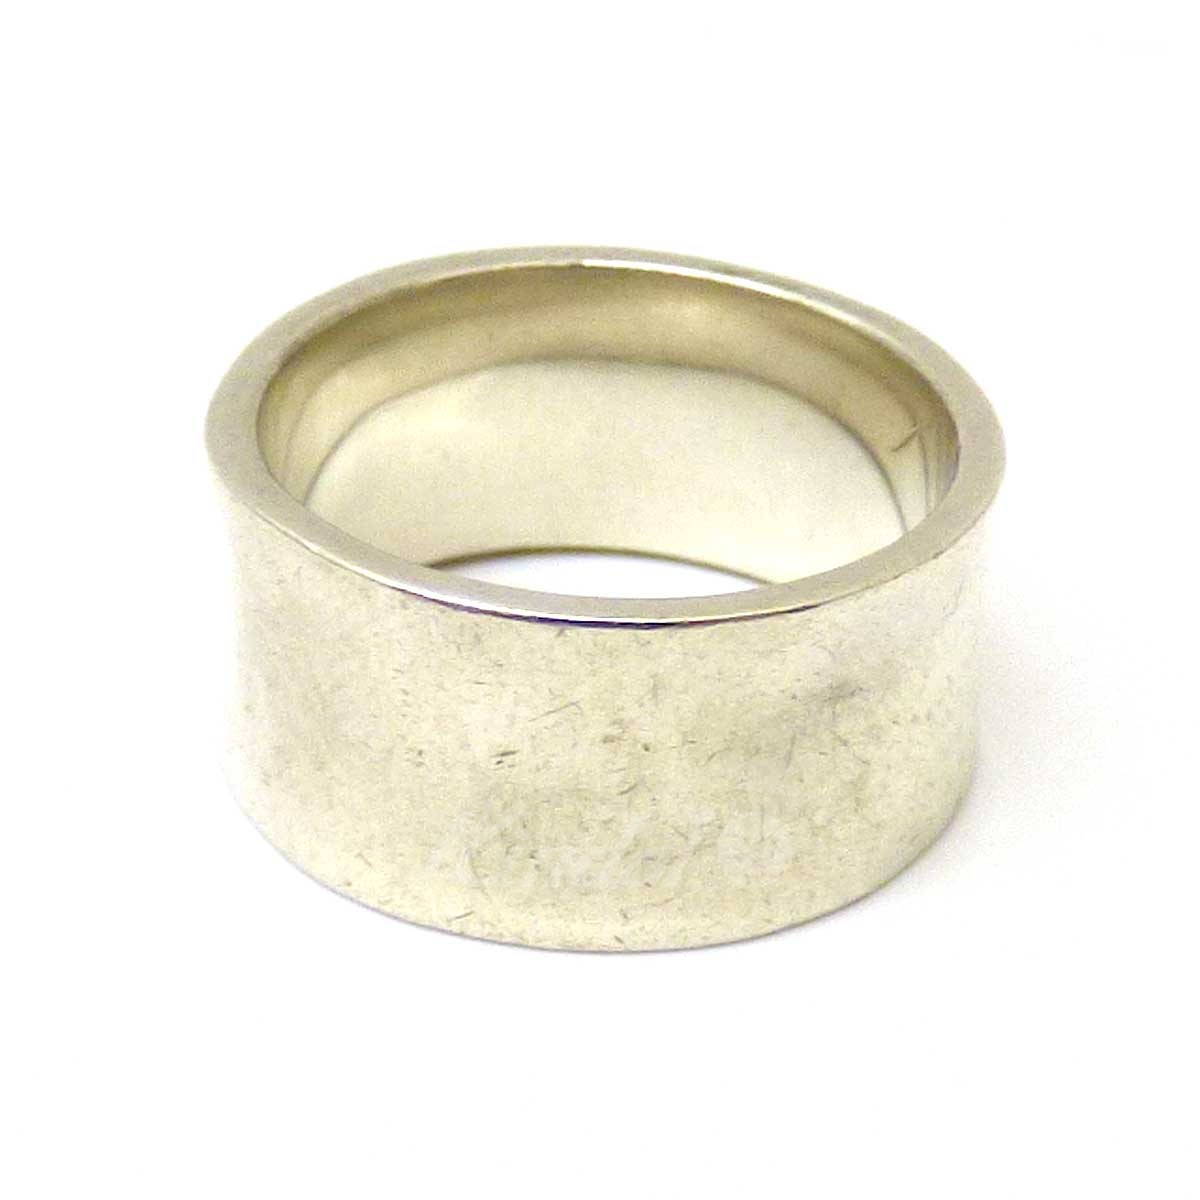 【中古】TORAIRO mirage ring SILVER925指輪 シルバー サイズ:19号 【送料無料】 【170219】(トライロ)